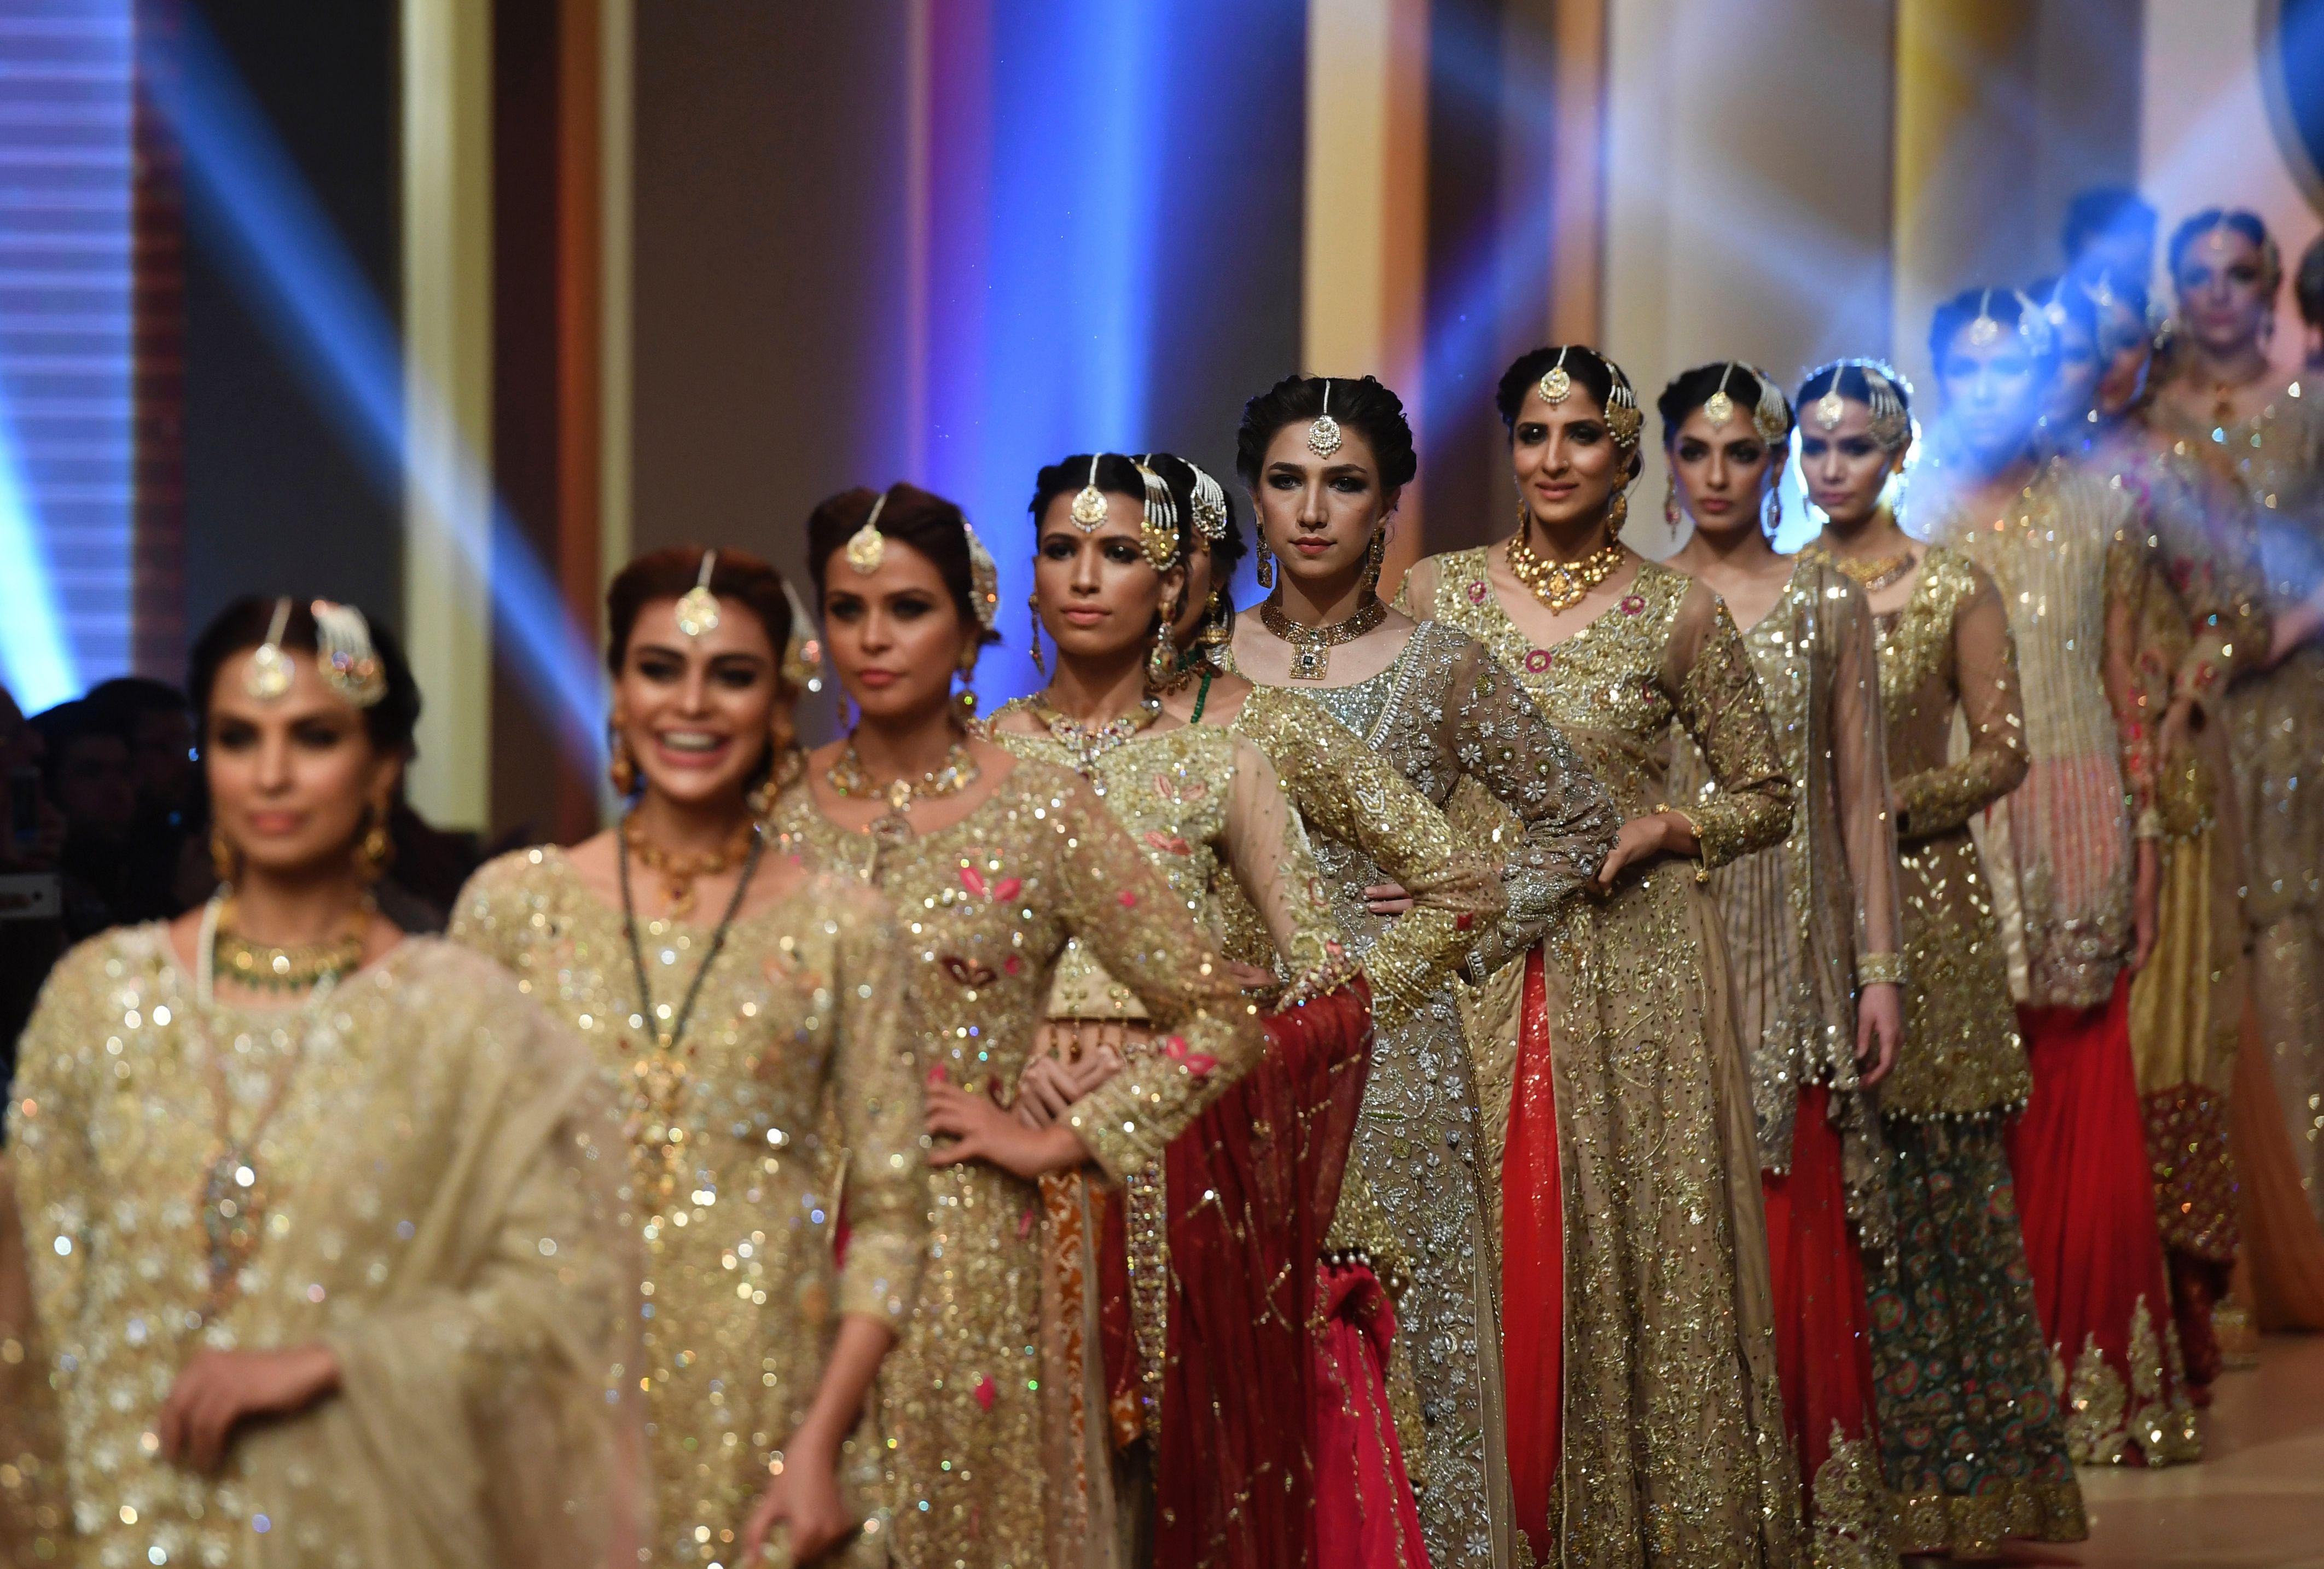 تصميمات باكستانية